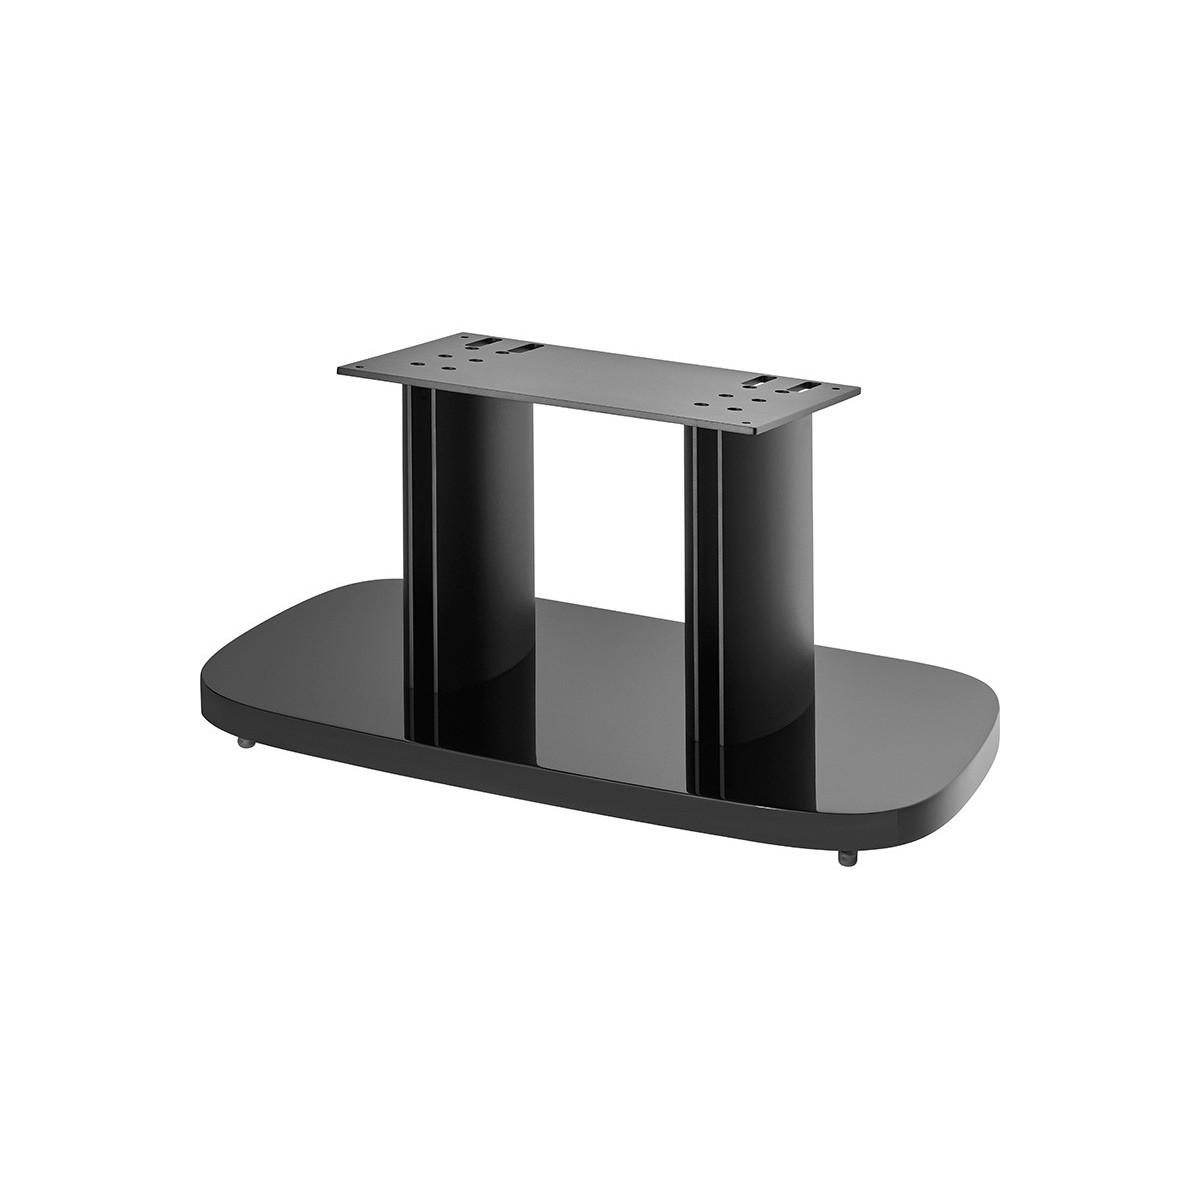 Lautsprecherständer FS-HTM D4 (Paarpreis)